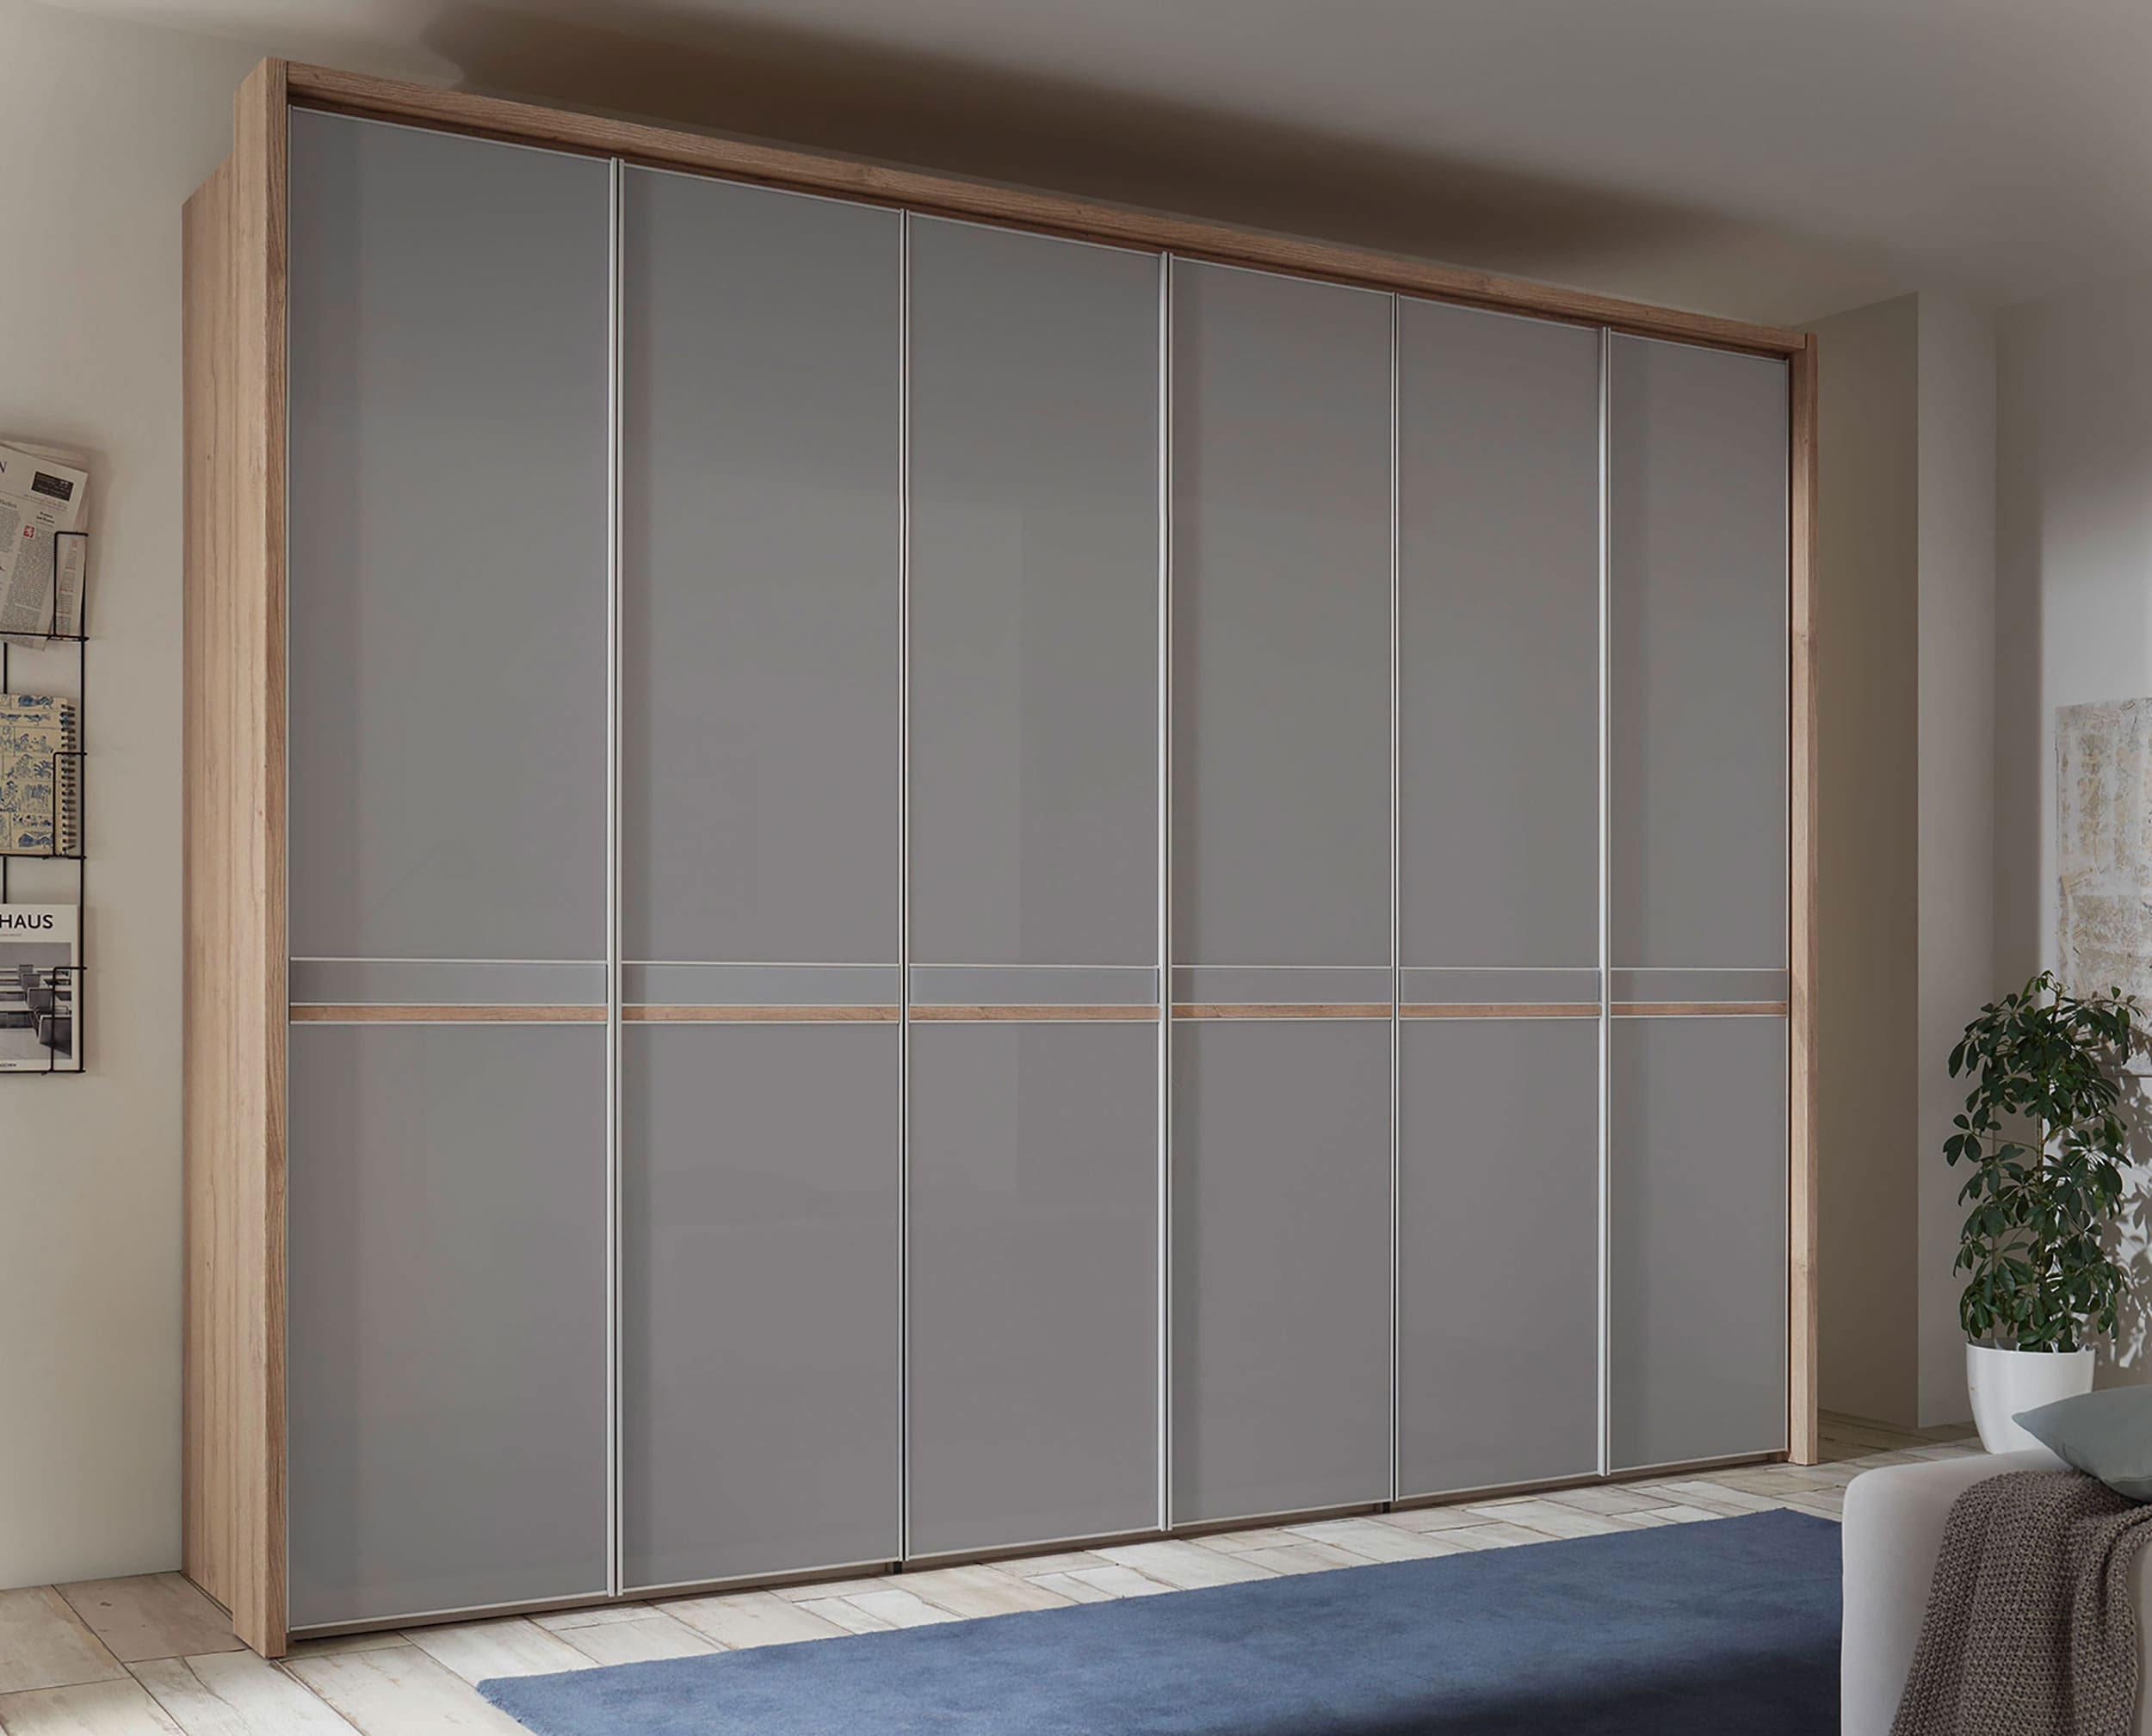 Staud Sonate Icona Kleiderschrank Glas grau eiche